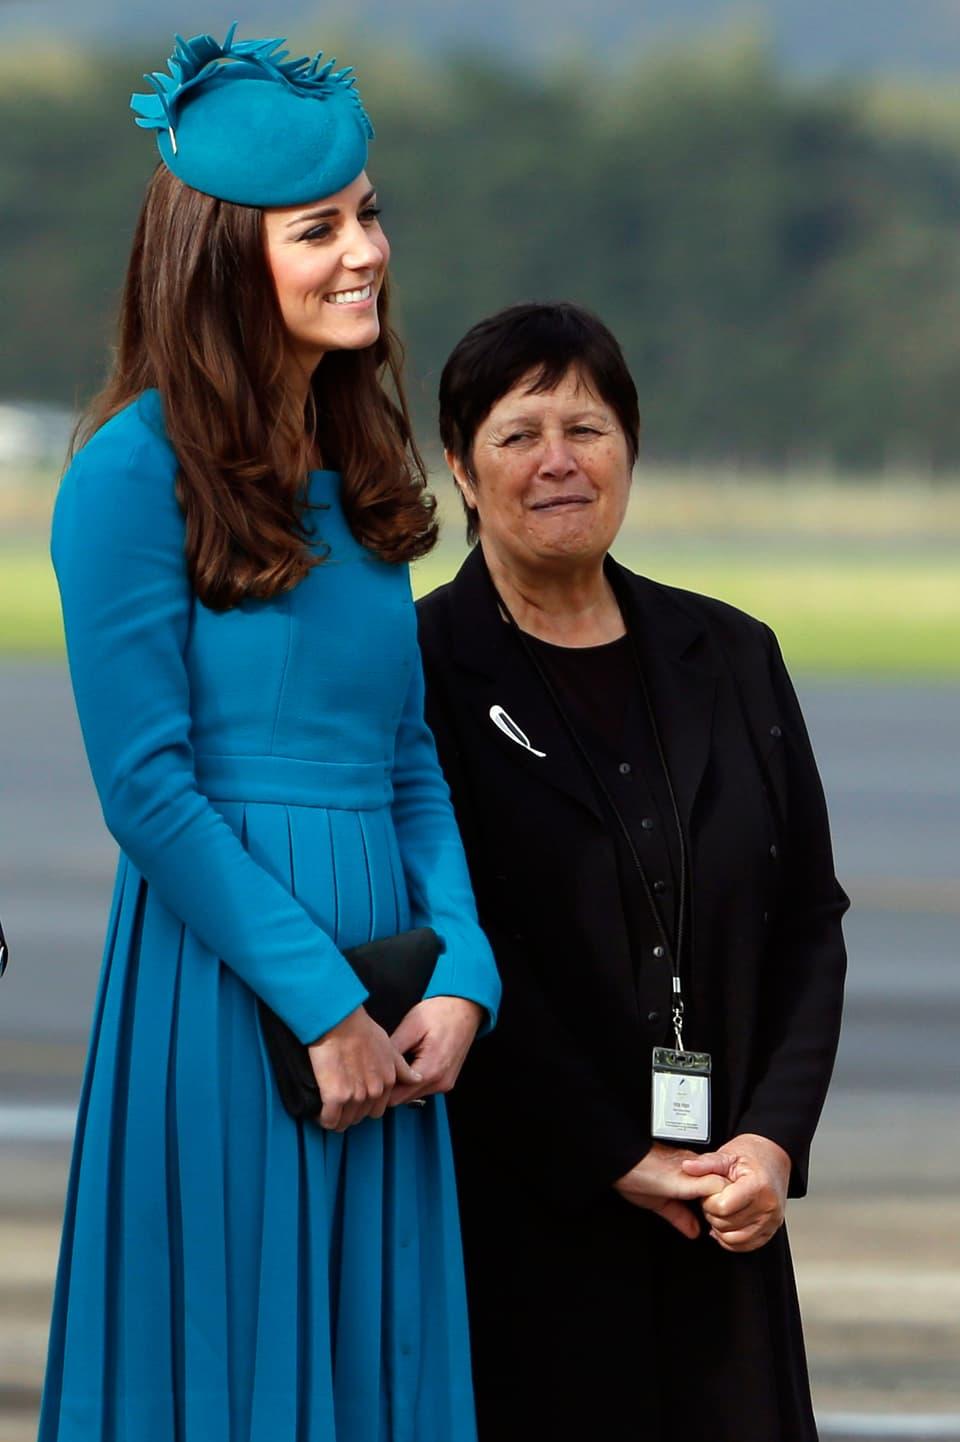 Frau mit blauem Hut und Kleid